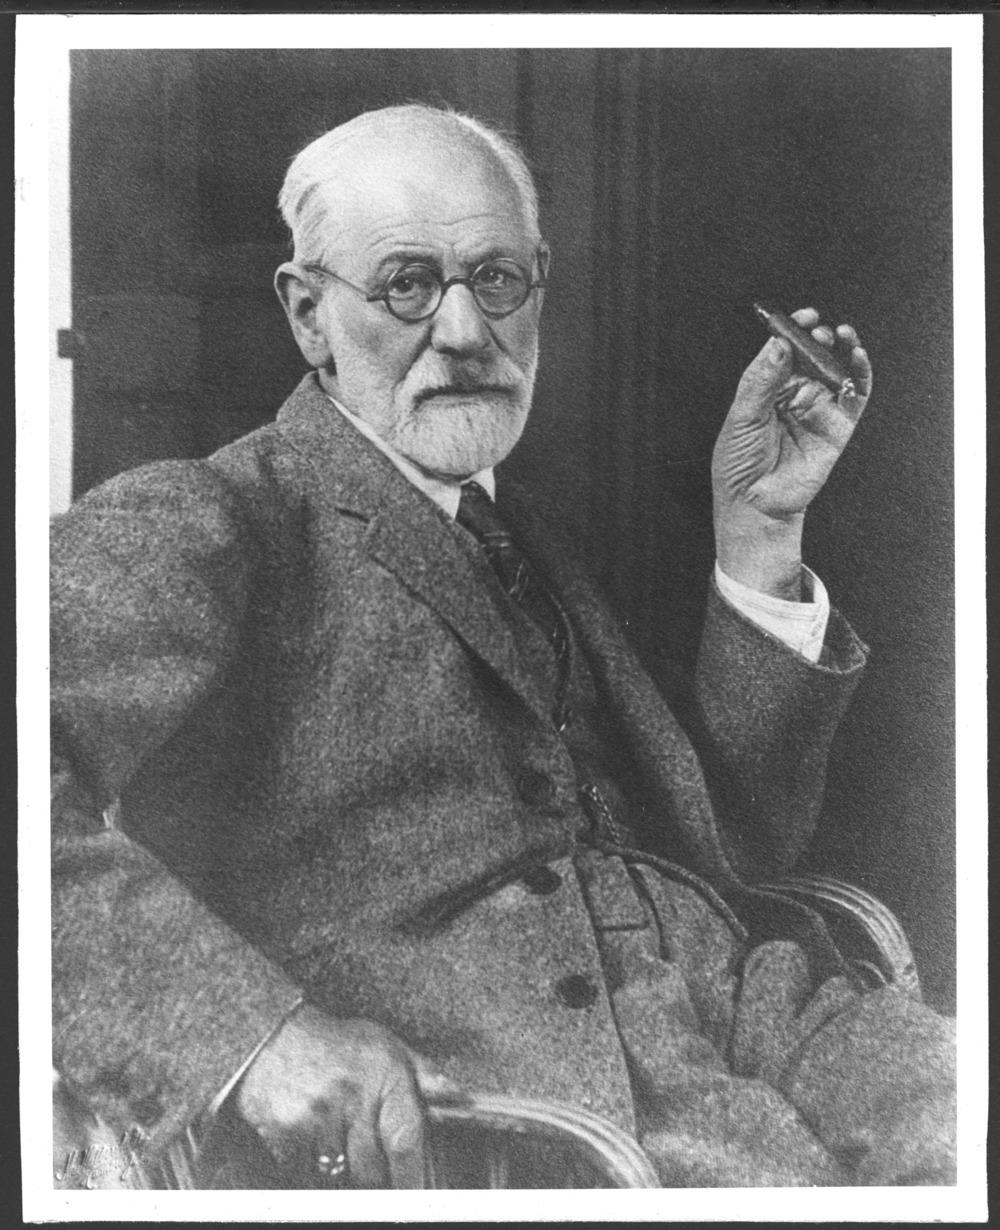 Sigmund Freud with cigar